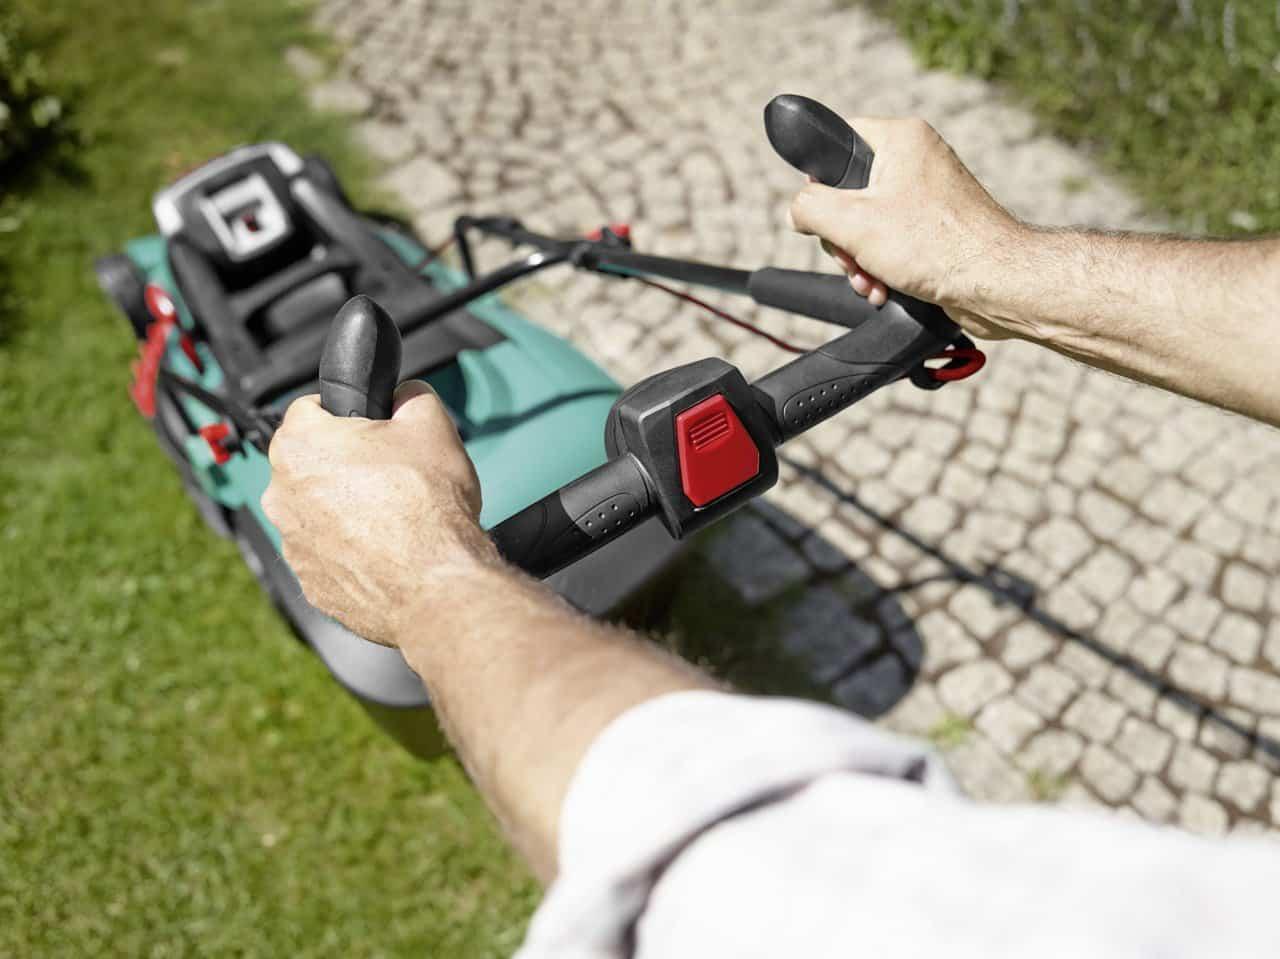 Bosch rotak 43 Li tondeuse à gazon électrique sans fil